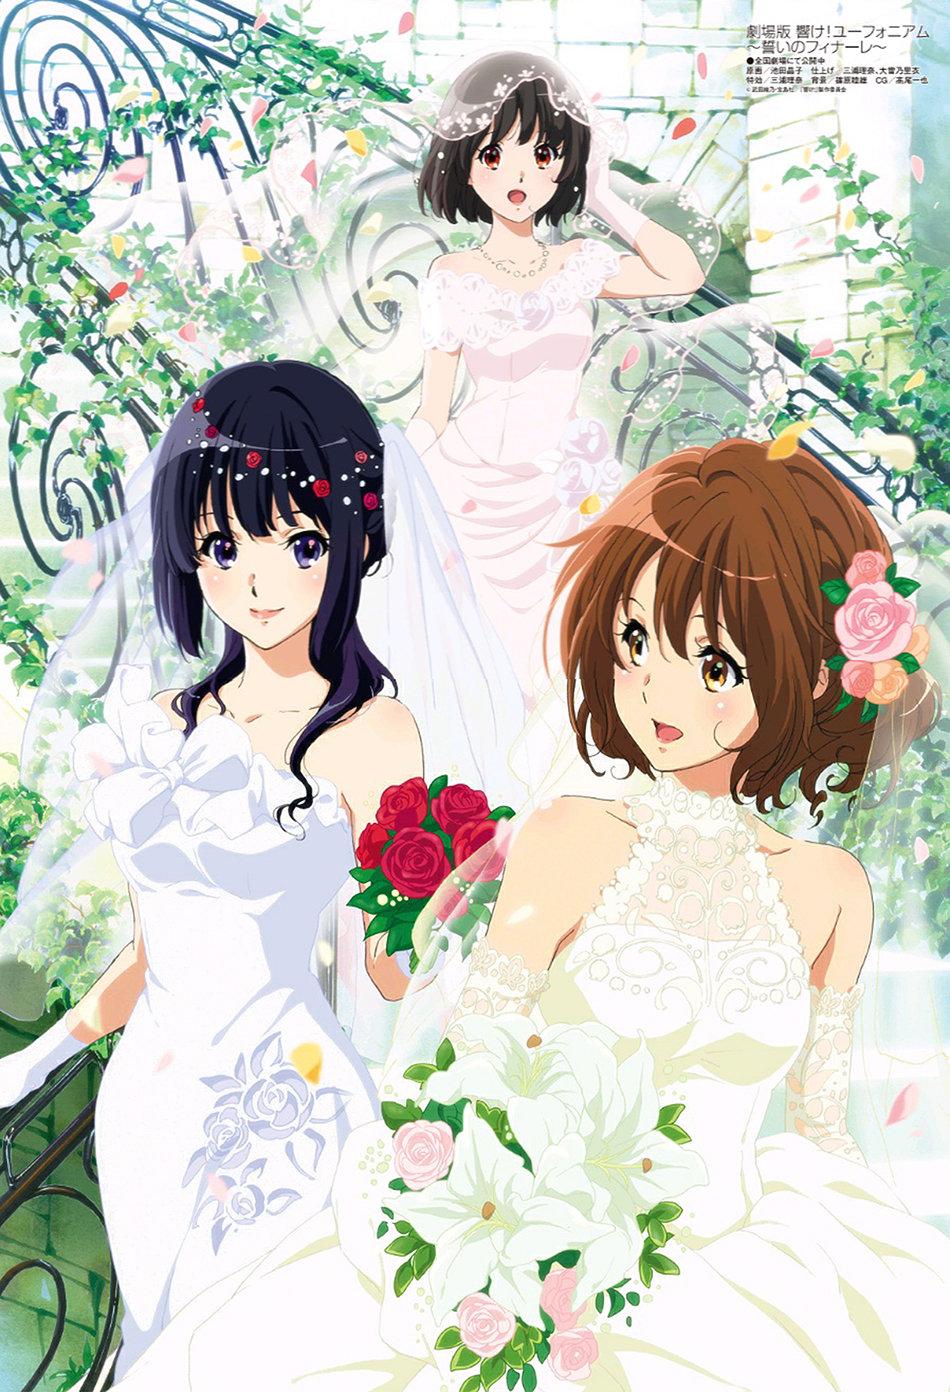 Hibike Euphonium Movie 3 Chikai No Finale Episode 1 Discussion 30 Forums Myanimelist Net